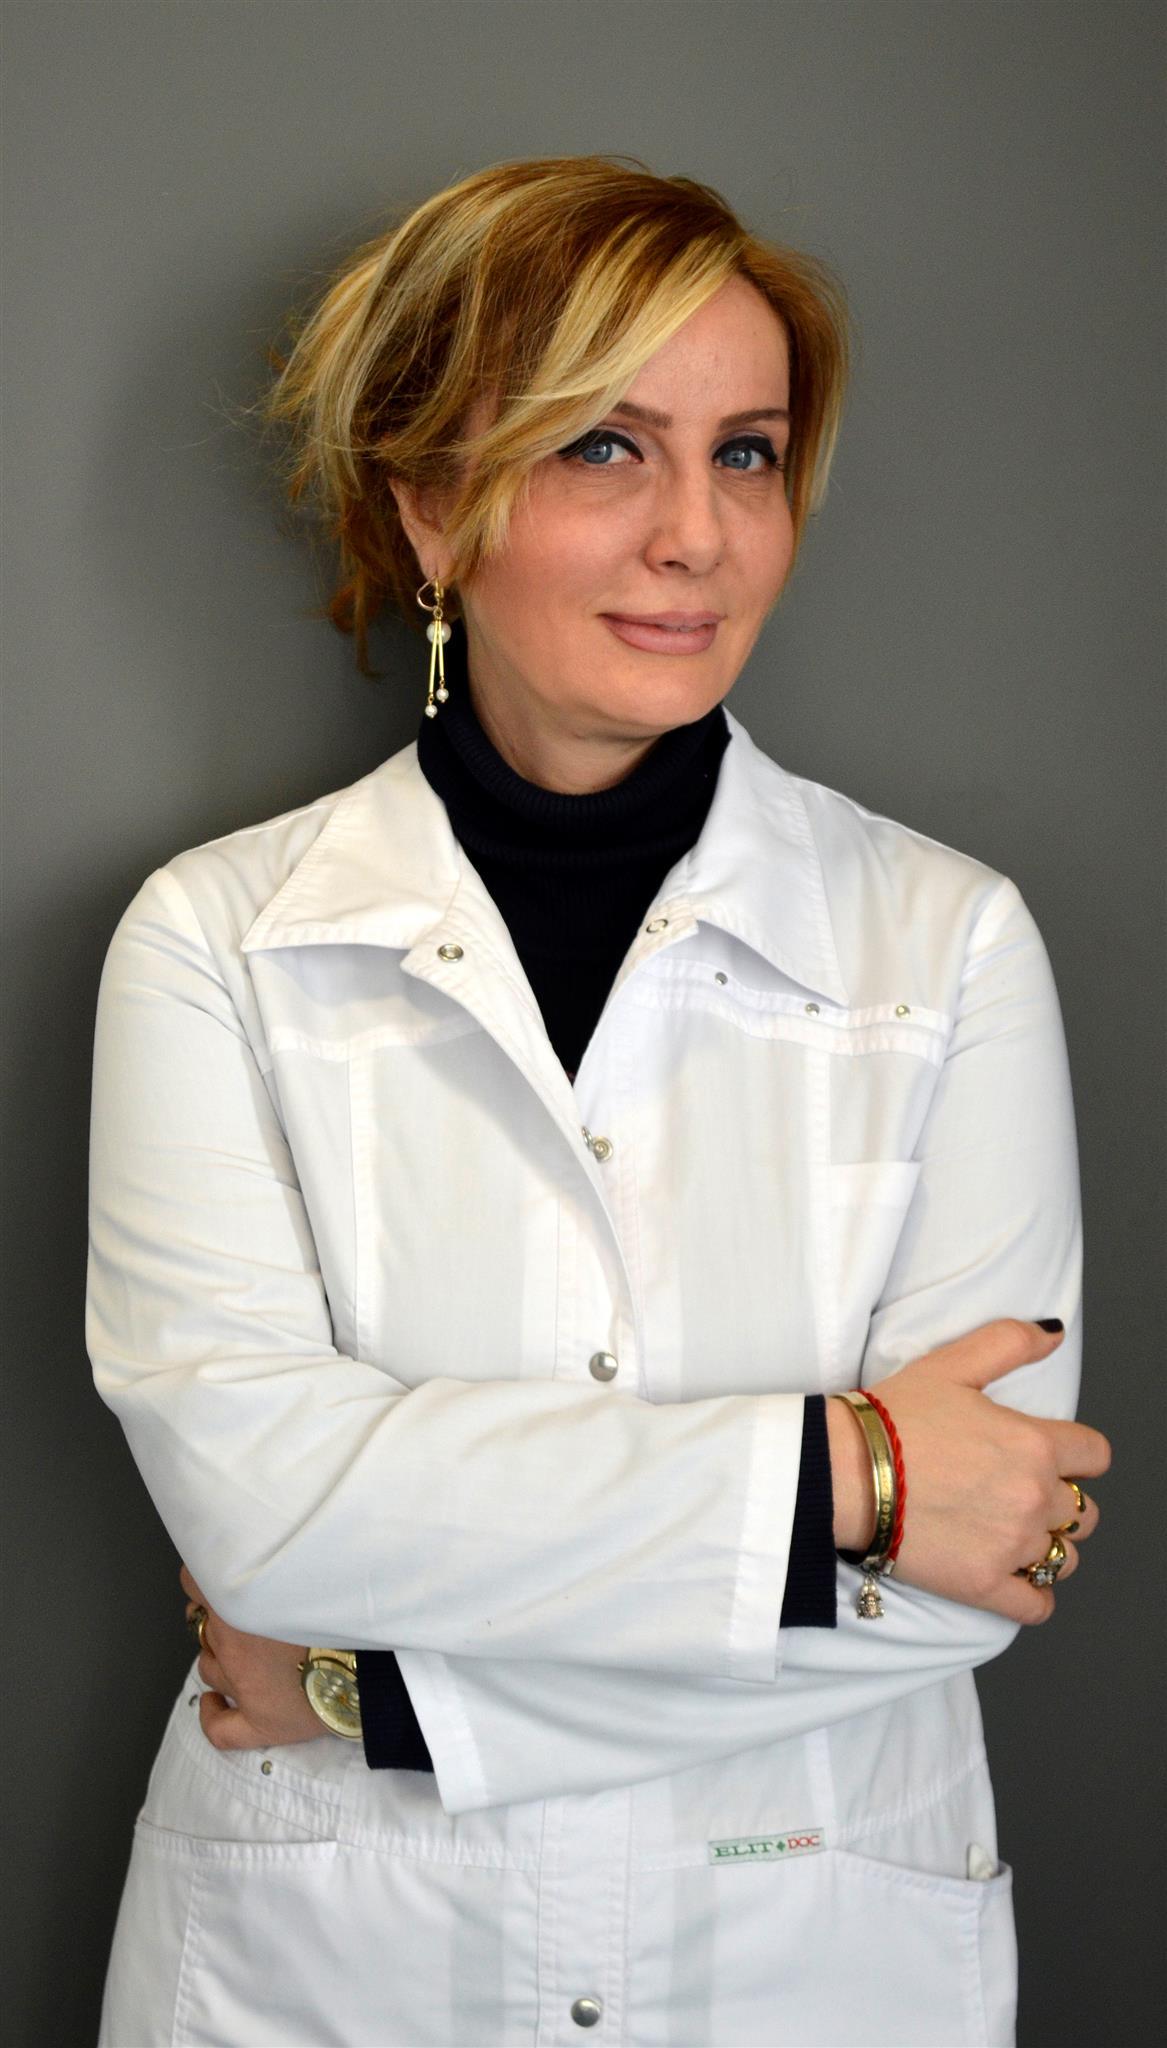 ნინო მუსერიძე პათოლოგიური ანატომია-კლინიკური პათოლოგი